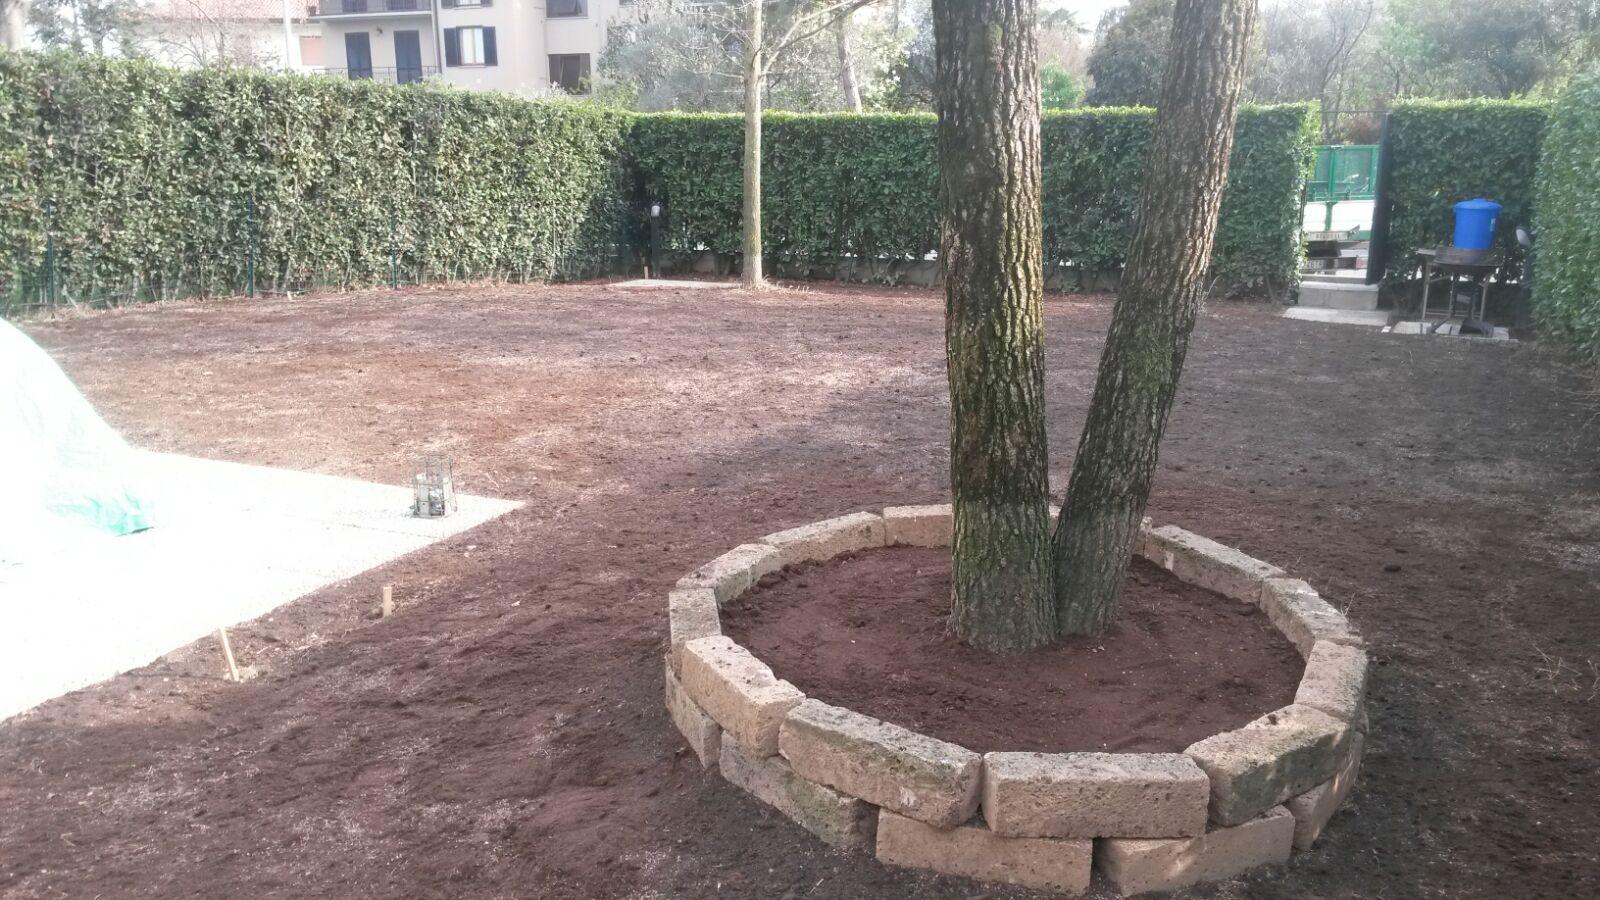 veduta di una albero in un prato senza erba